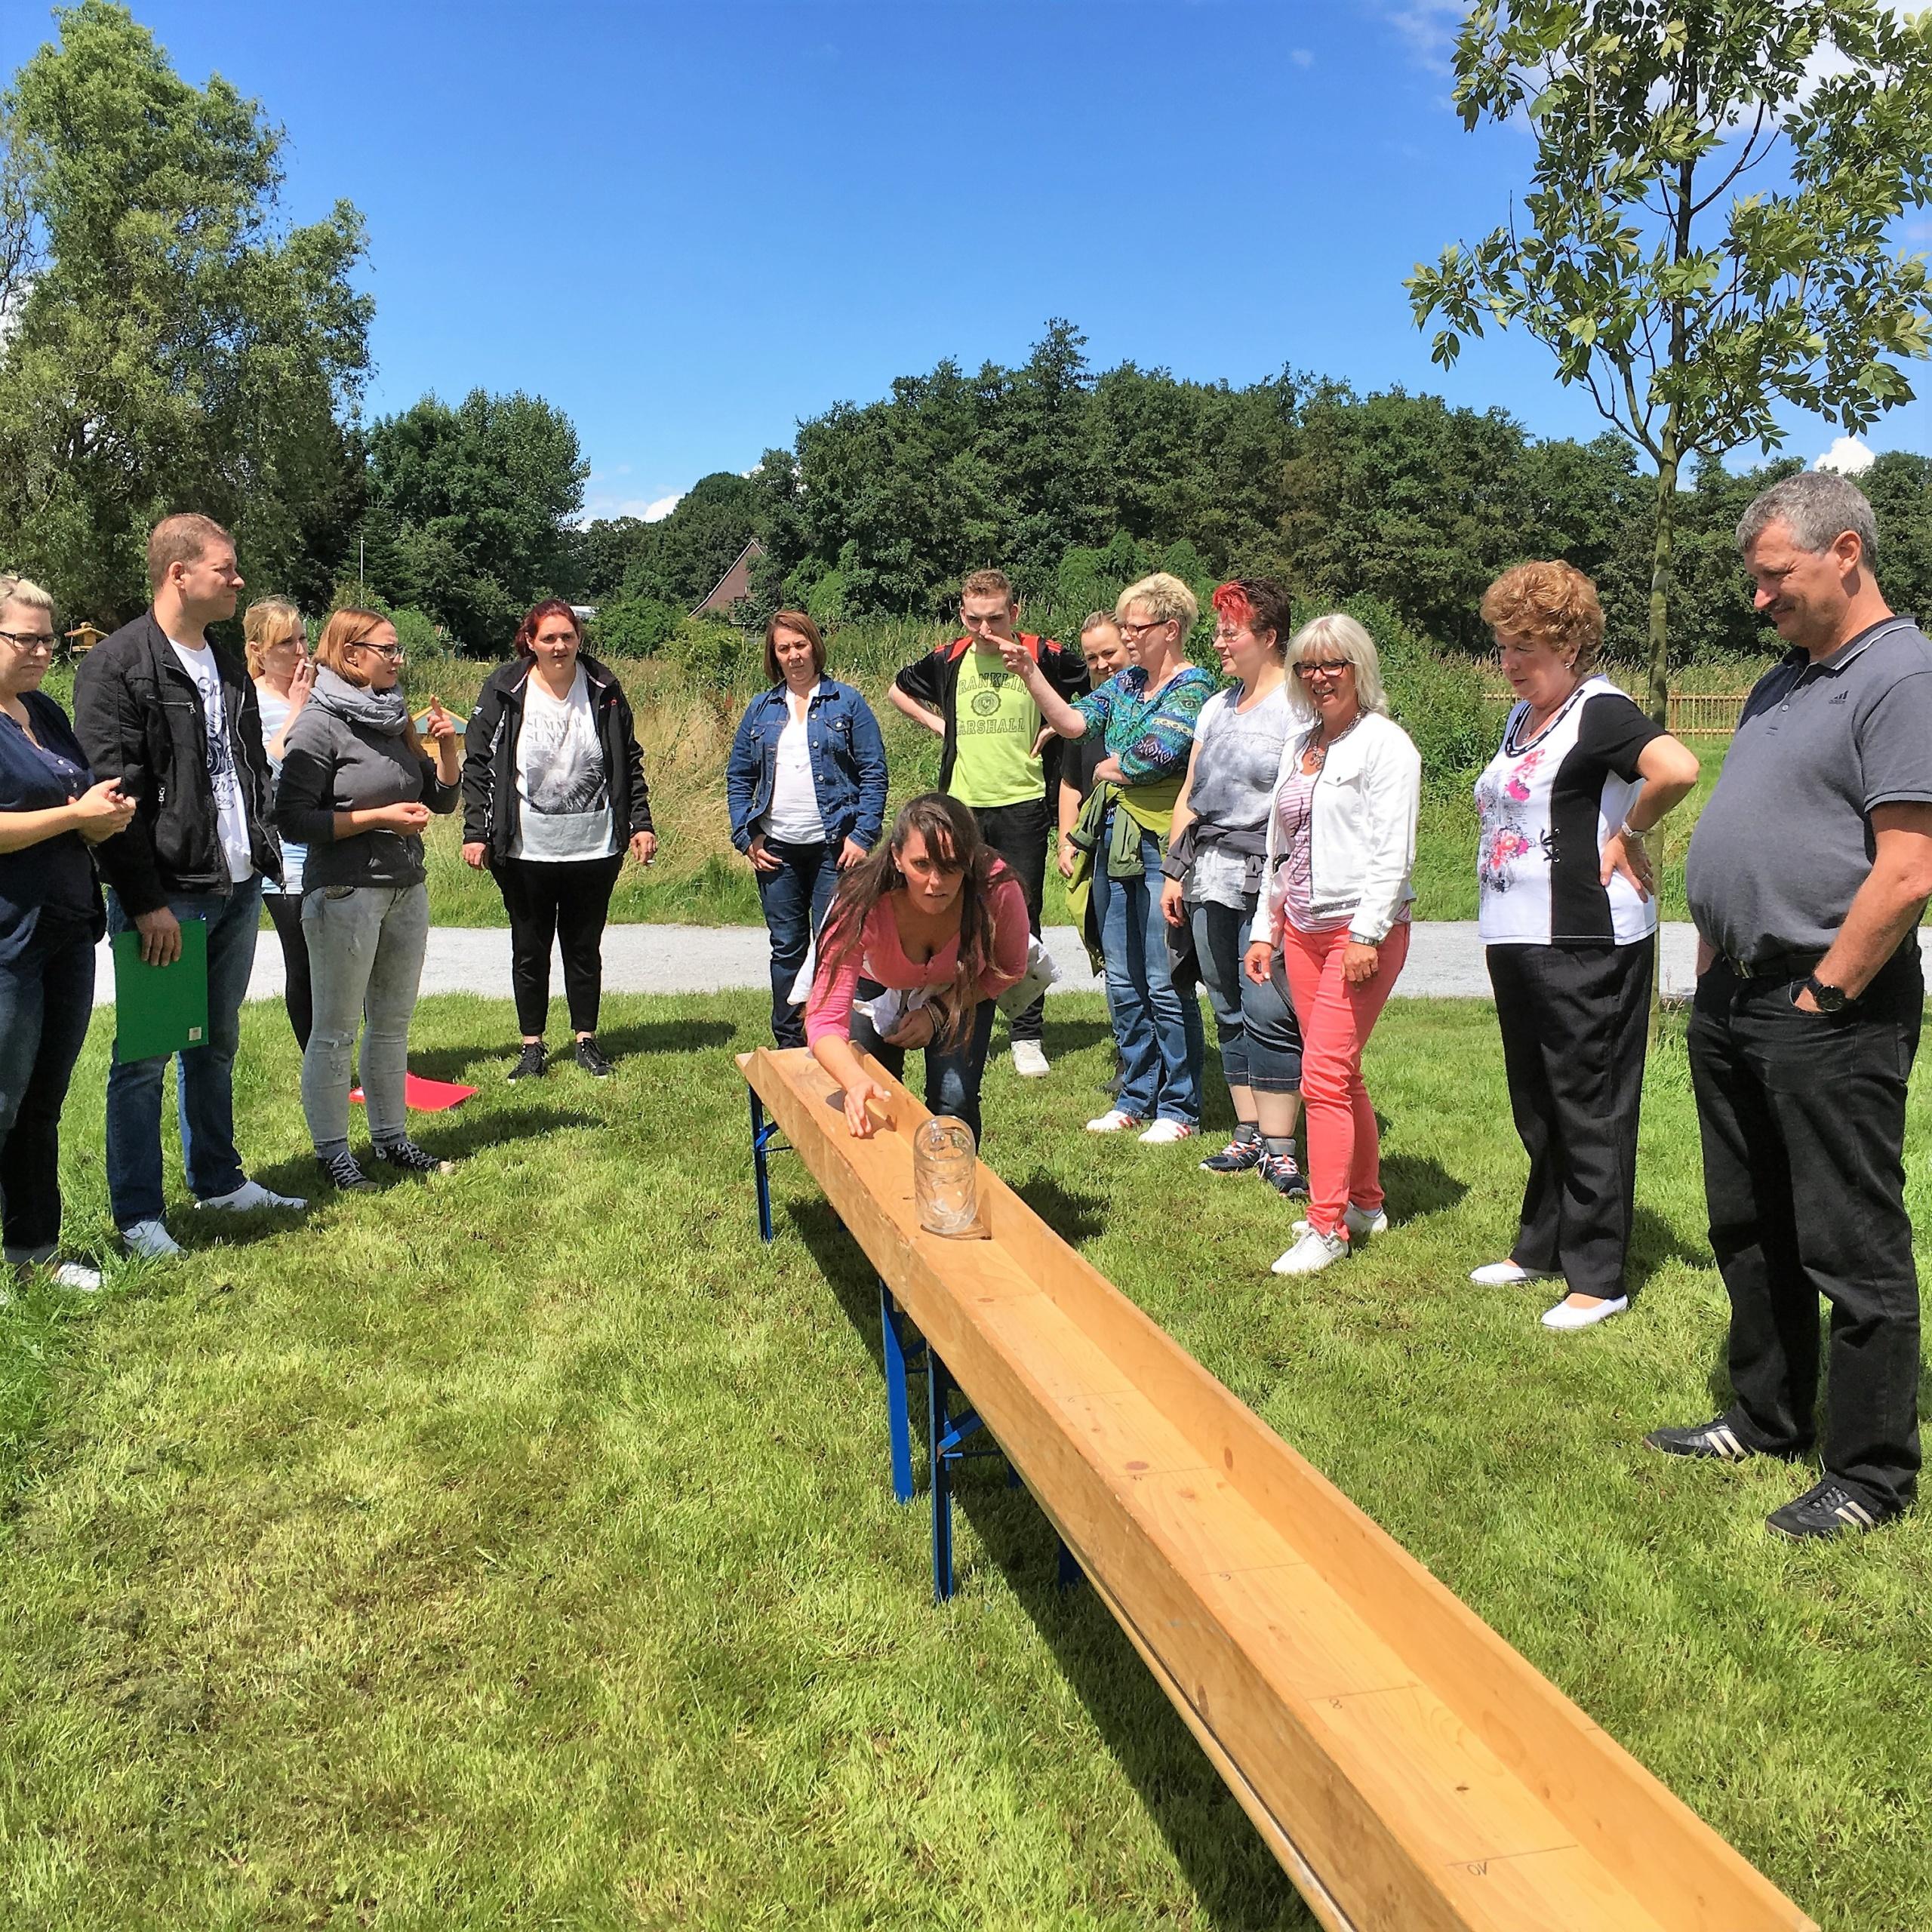 Teamspiele auf Eventwiese – interessante Wettkämpfe